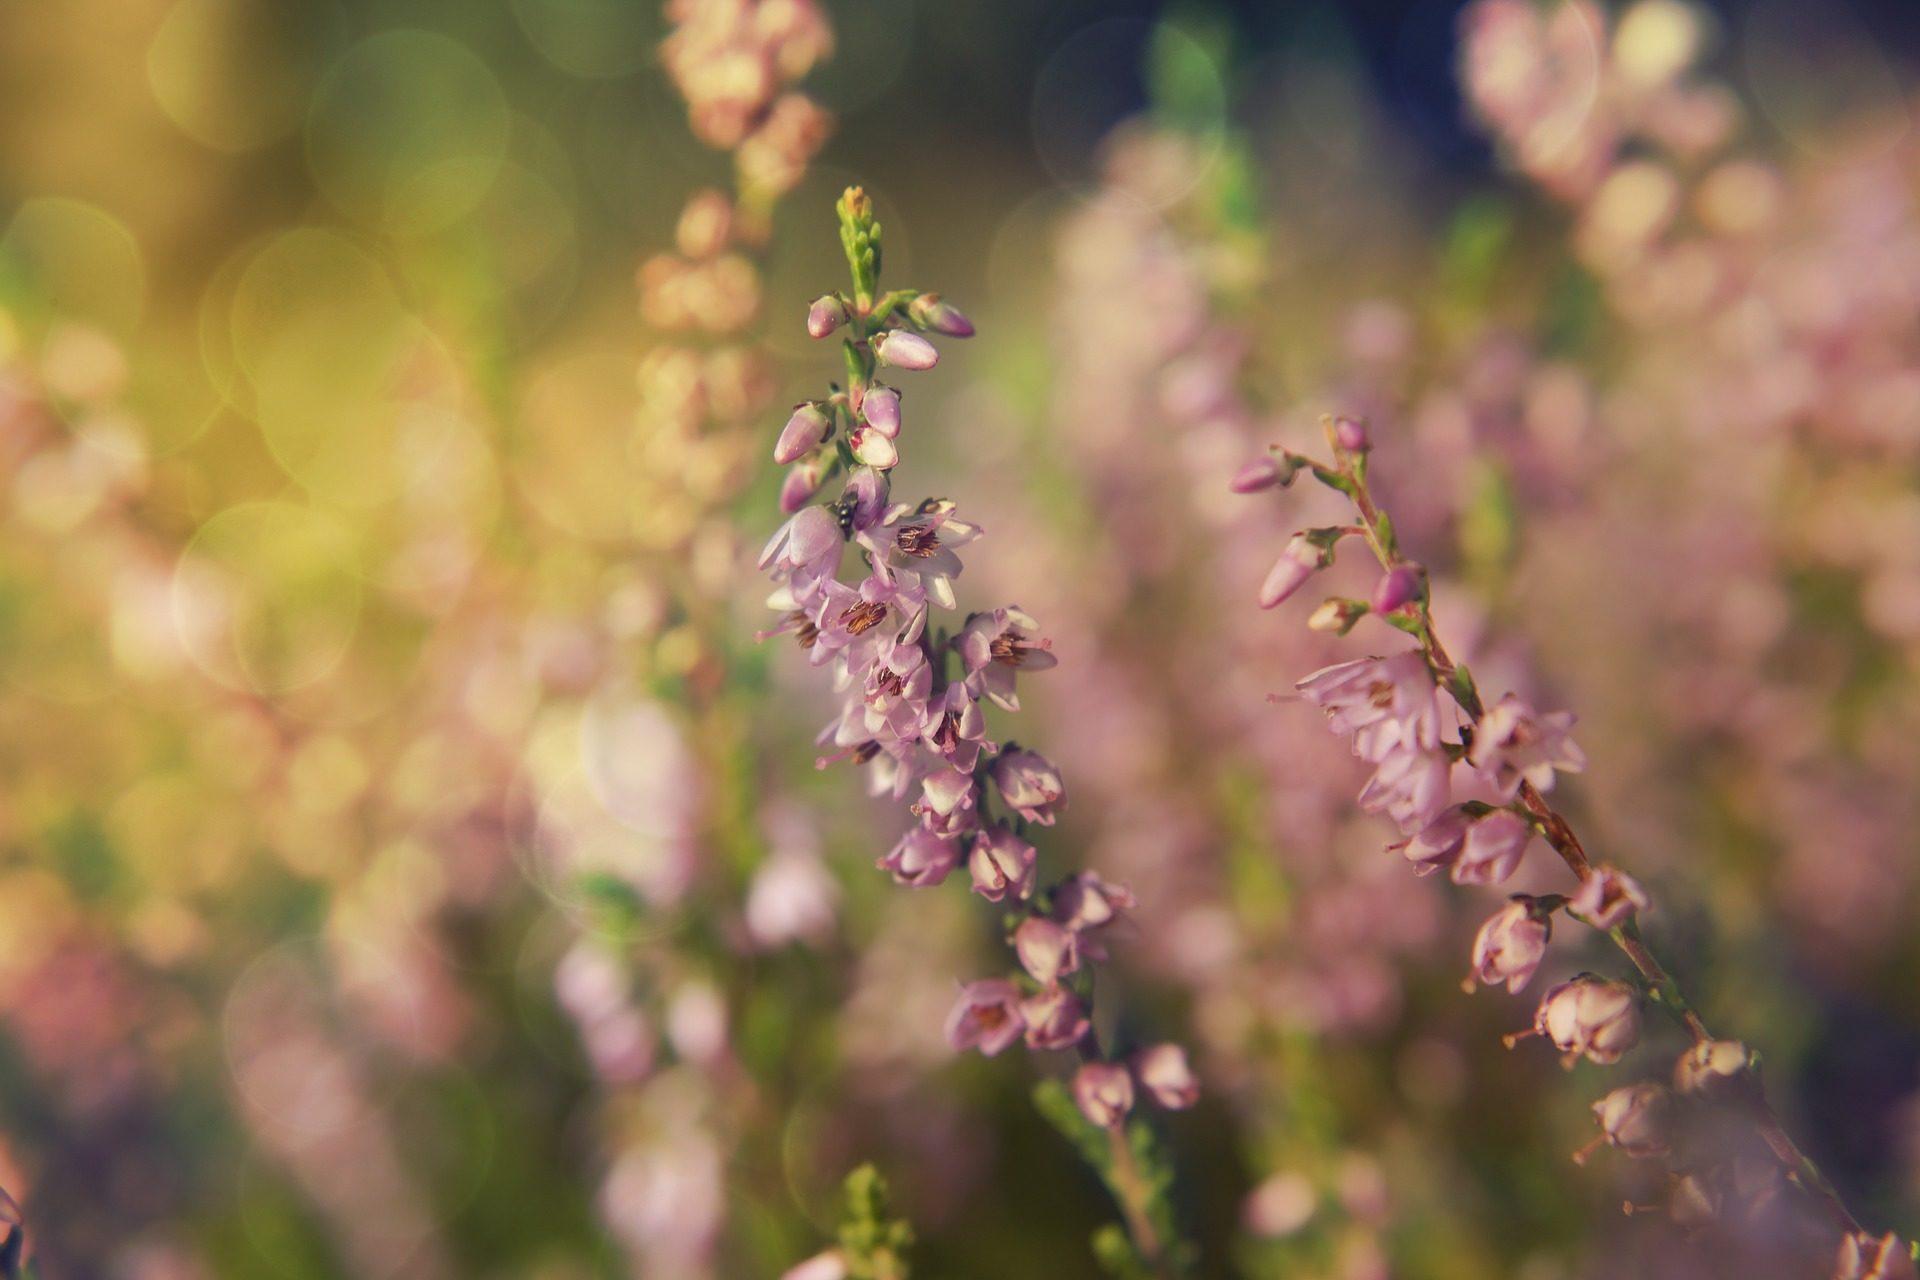 fiori, piante, Floración, campo, Viola - Sfondi HD - Professor-falken.com